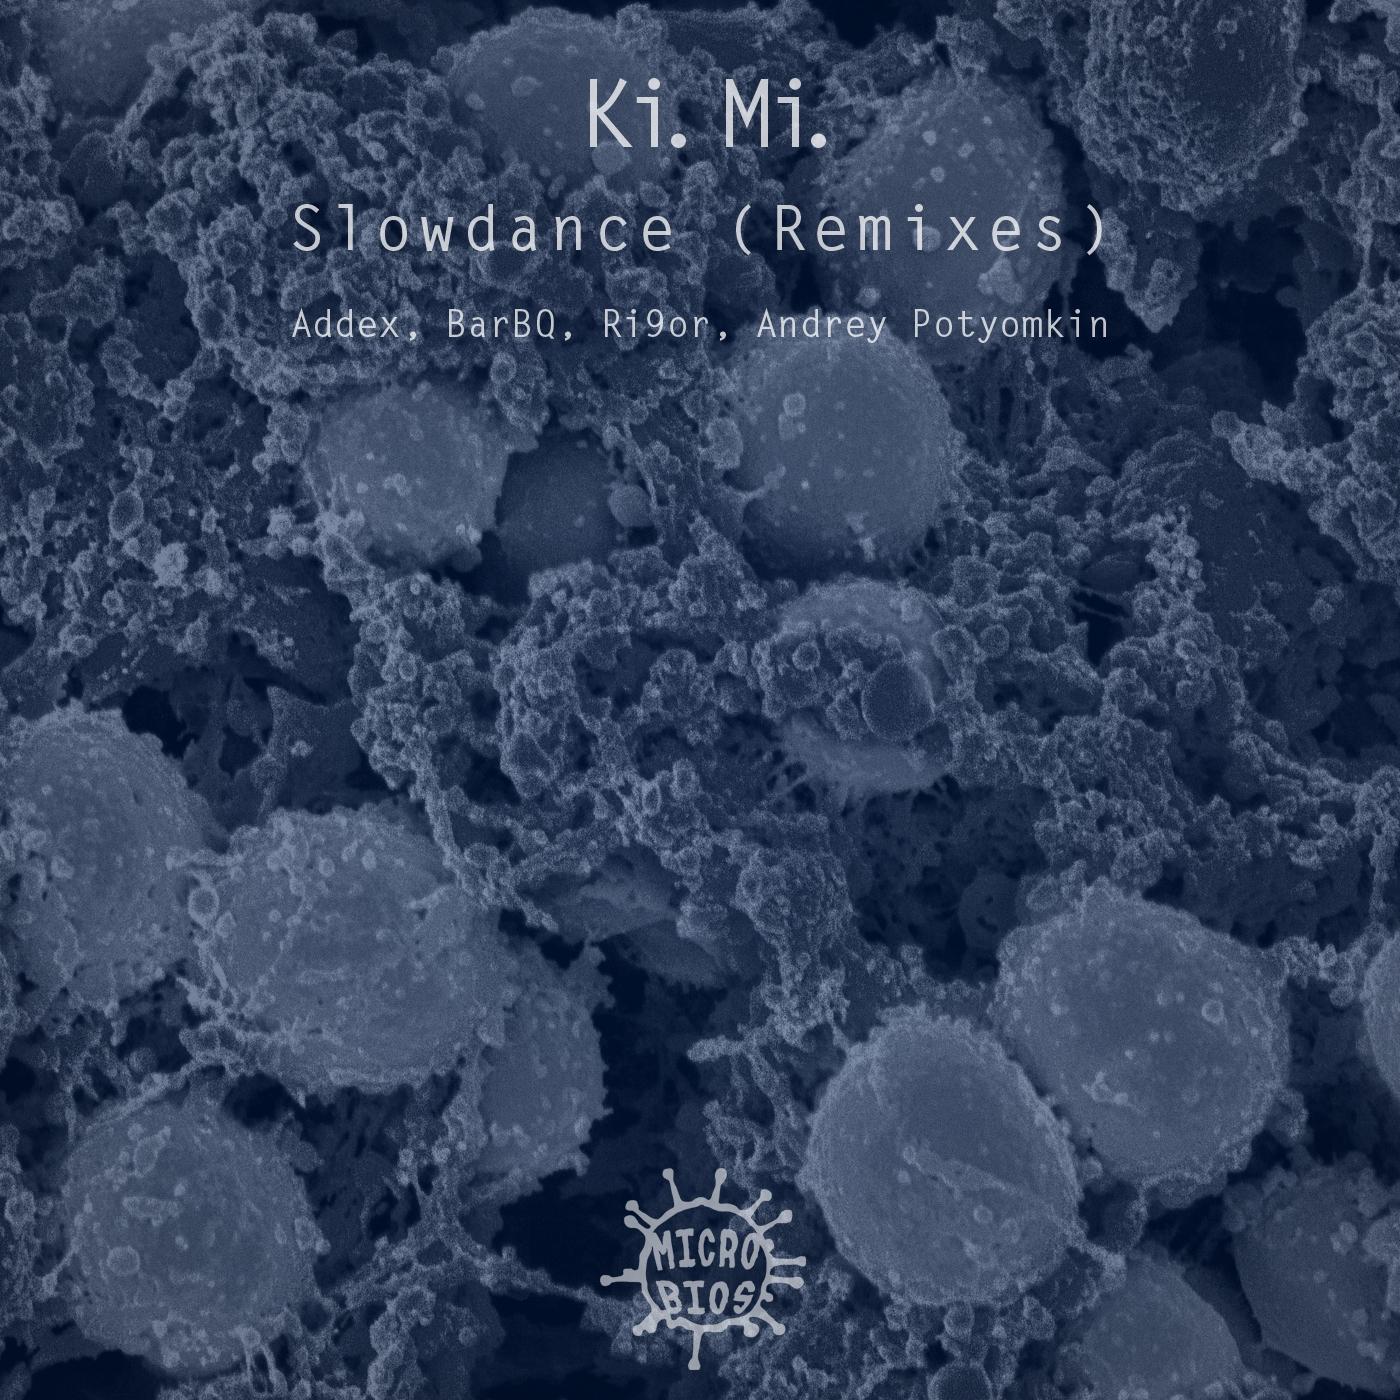 Ki.Mi. - Slowdance (Addex Remix)